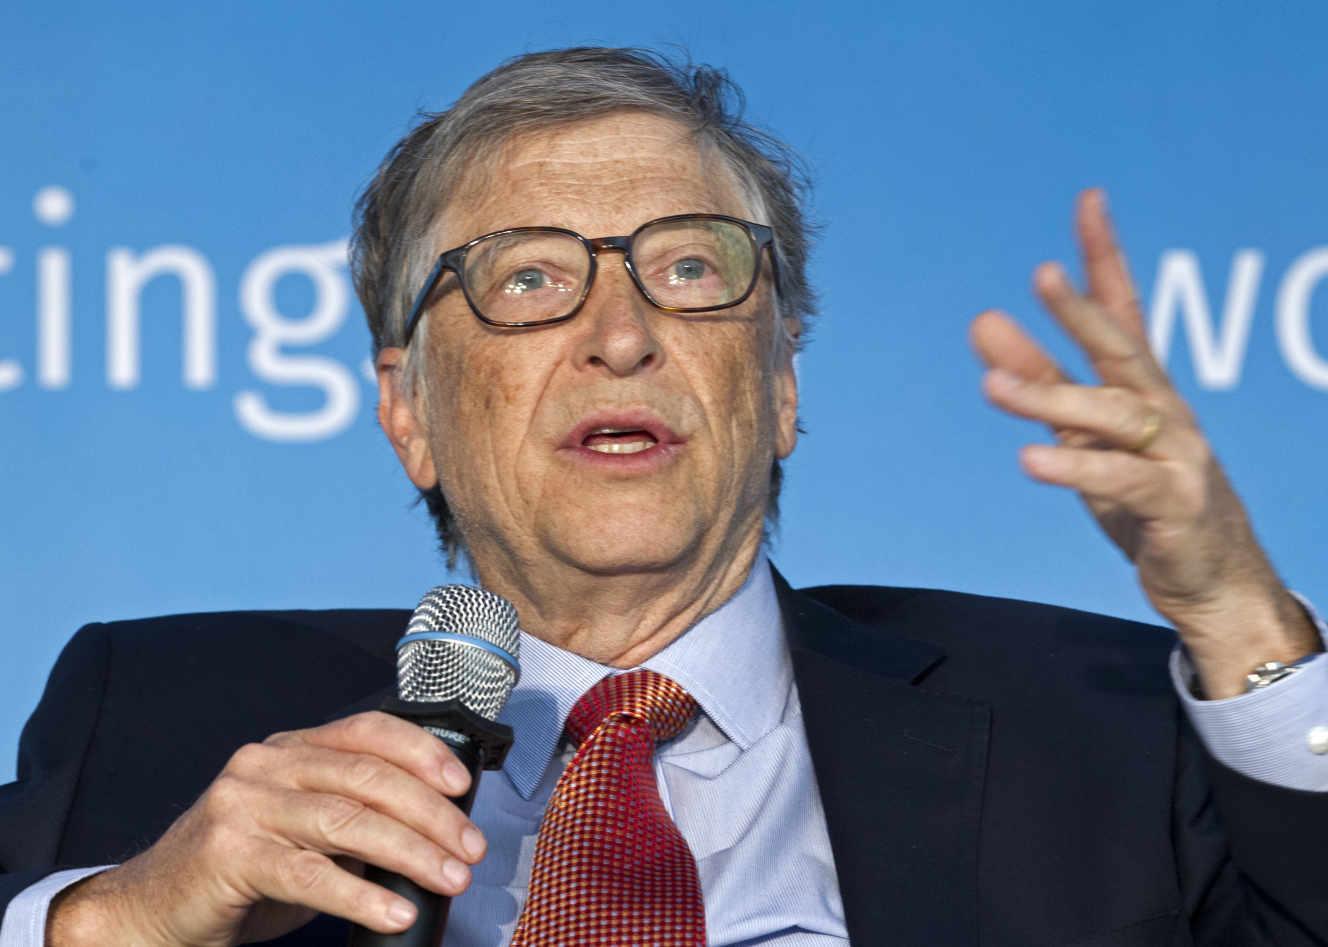 Bill Gates : « La responsabilité des pays riches est de trouver des solutions au défi climatique »